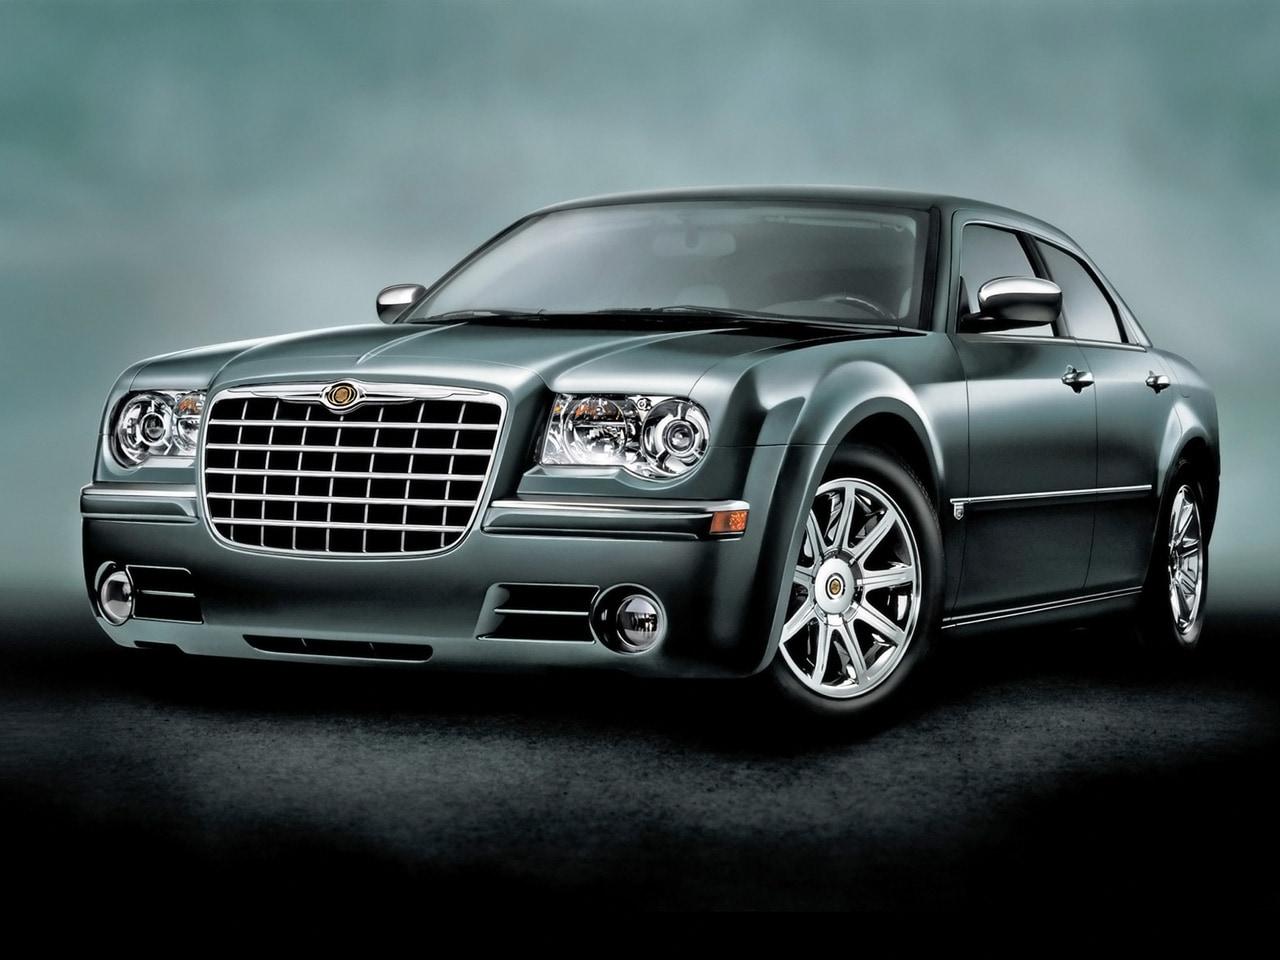 Jeep Dealer Bronx >> 2013 Chrysler 300 SRT8 | New York City Chrysler Dealer